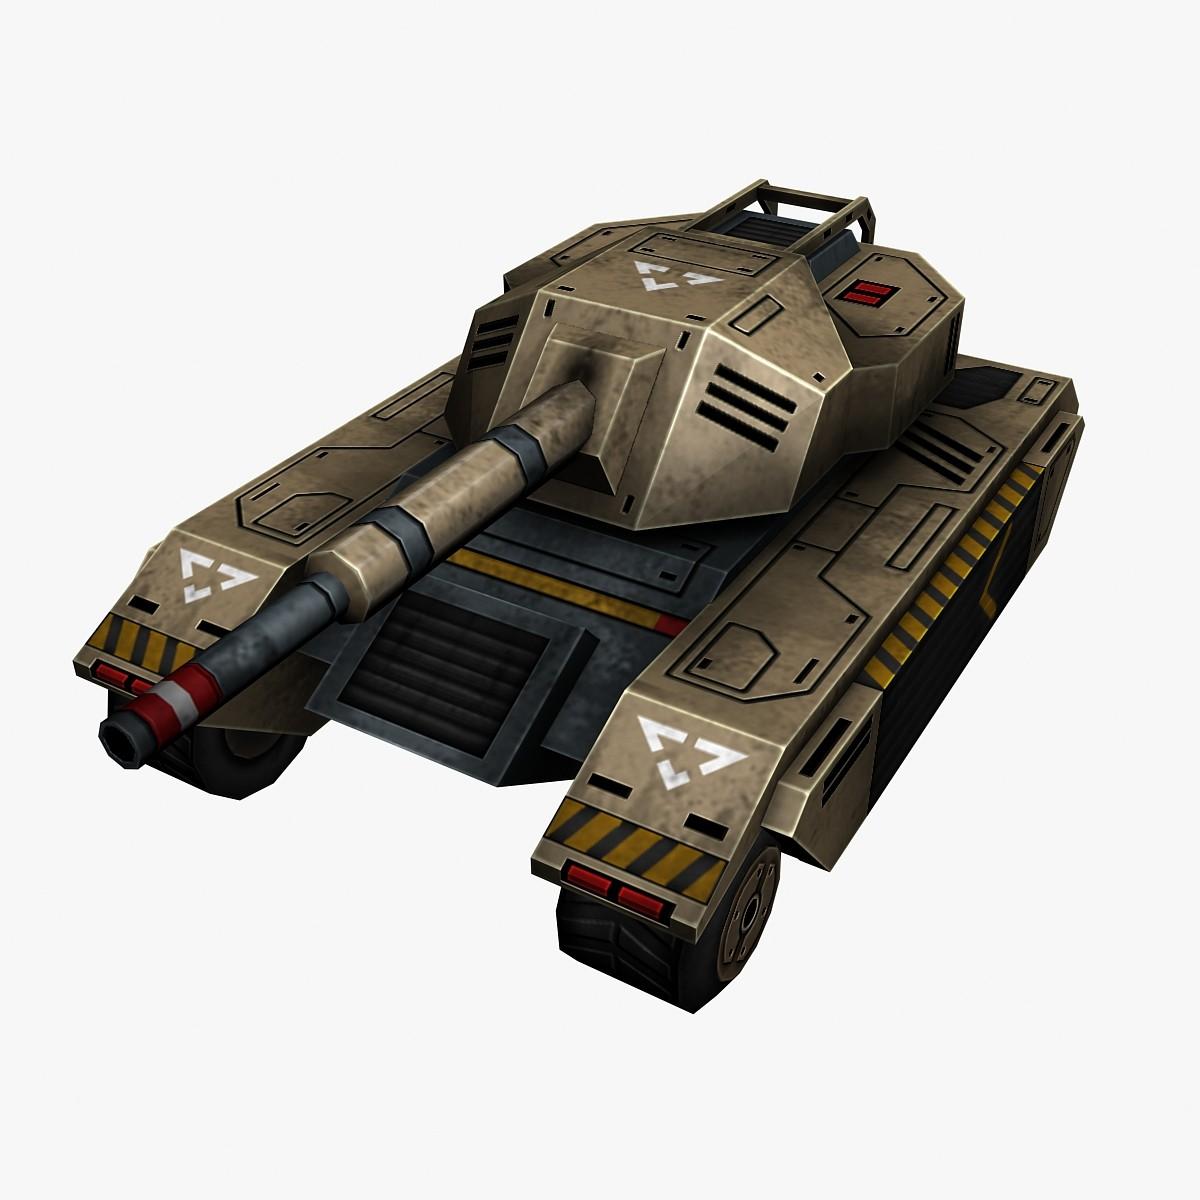 sci_fi_tank_3_preview_0.jpg